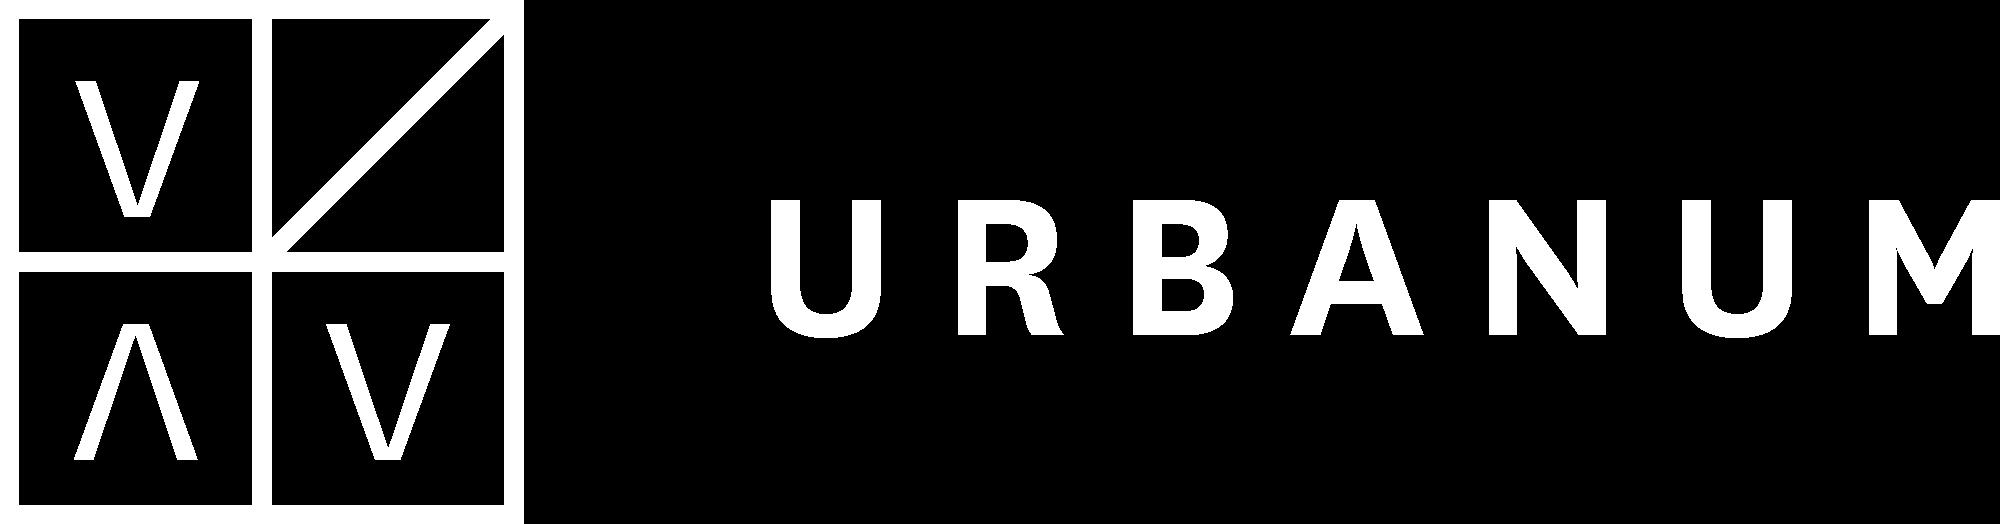 U R B A N U M